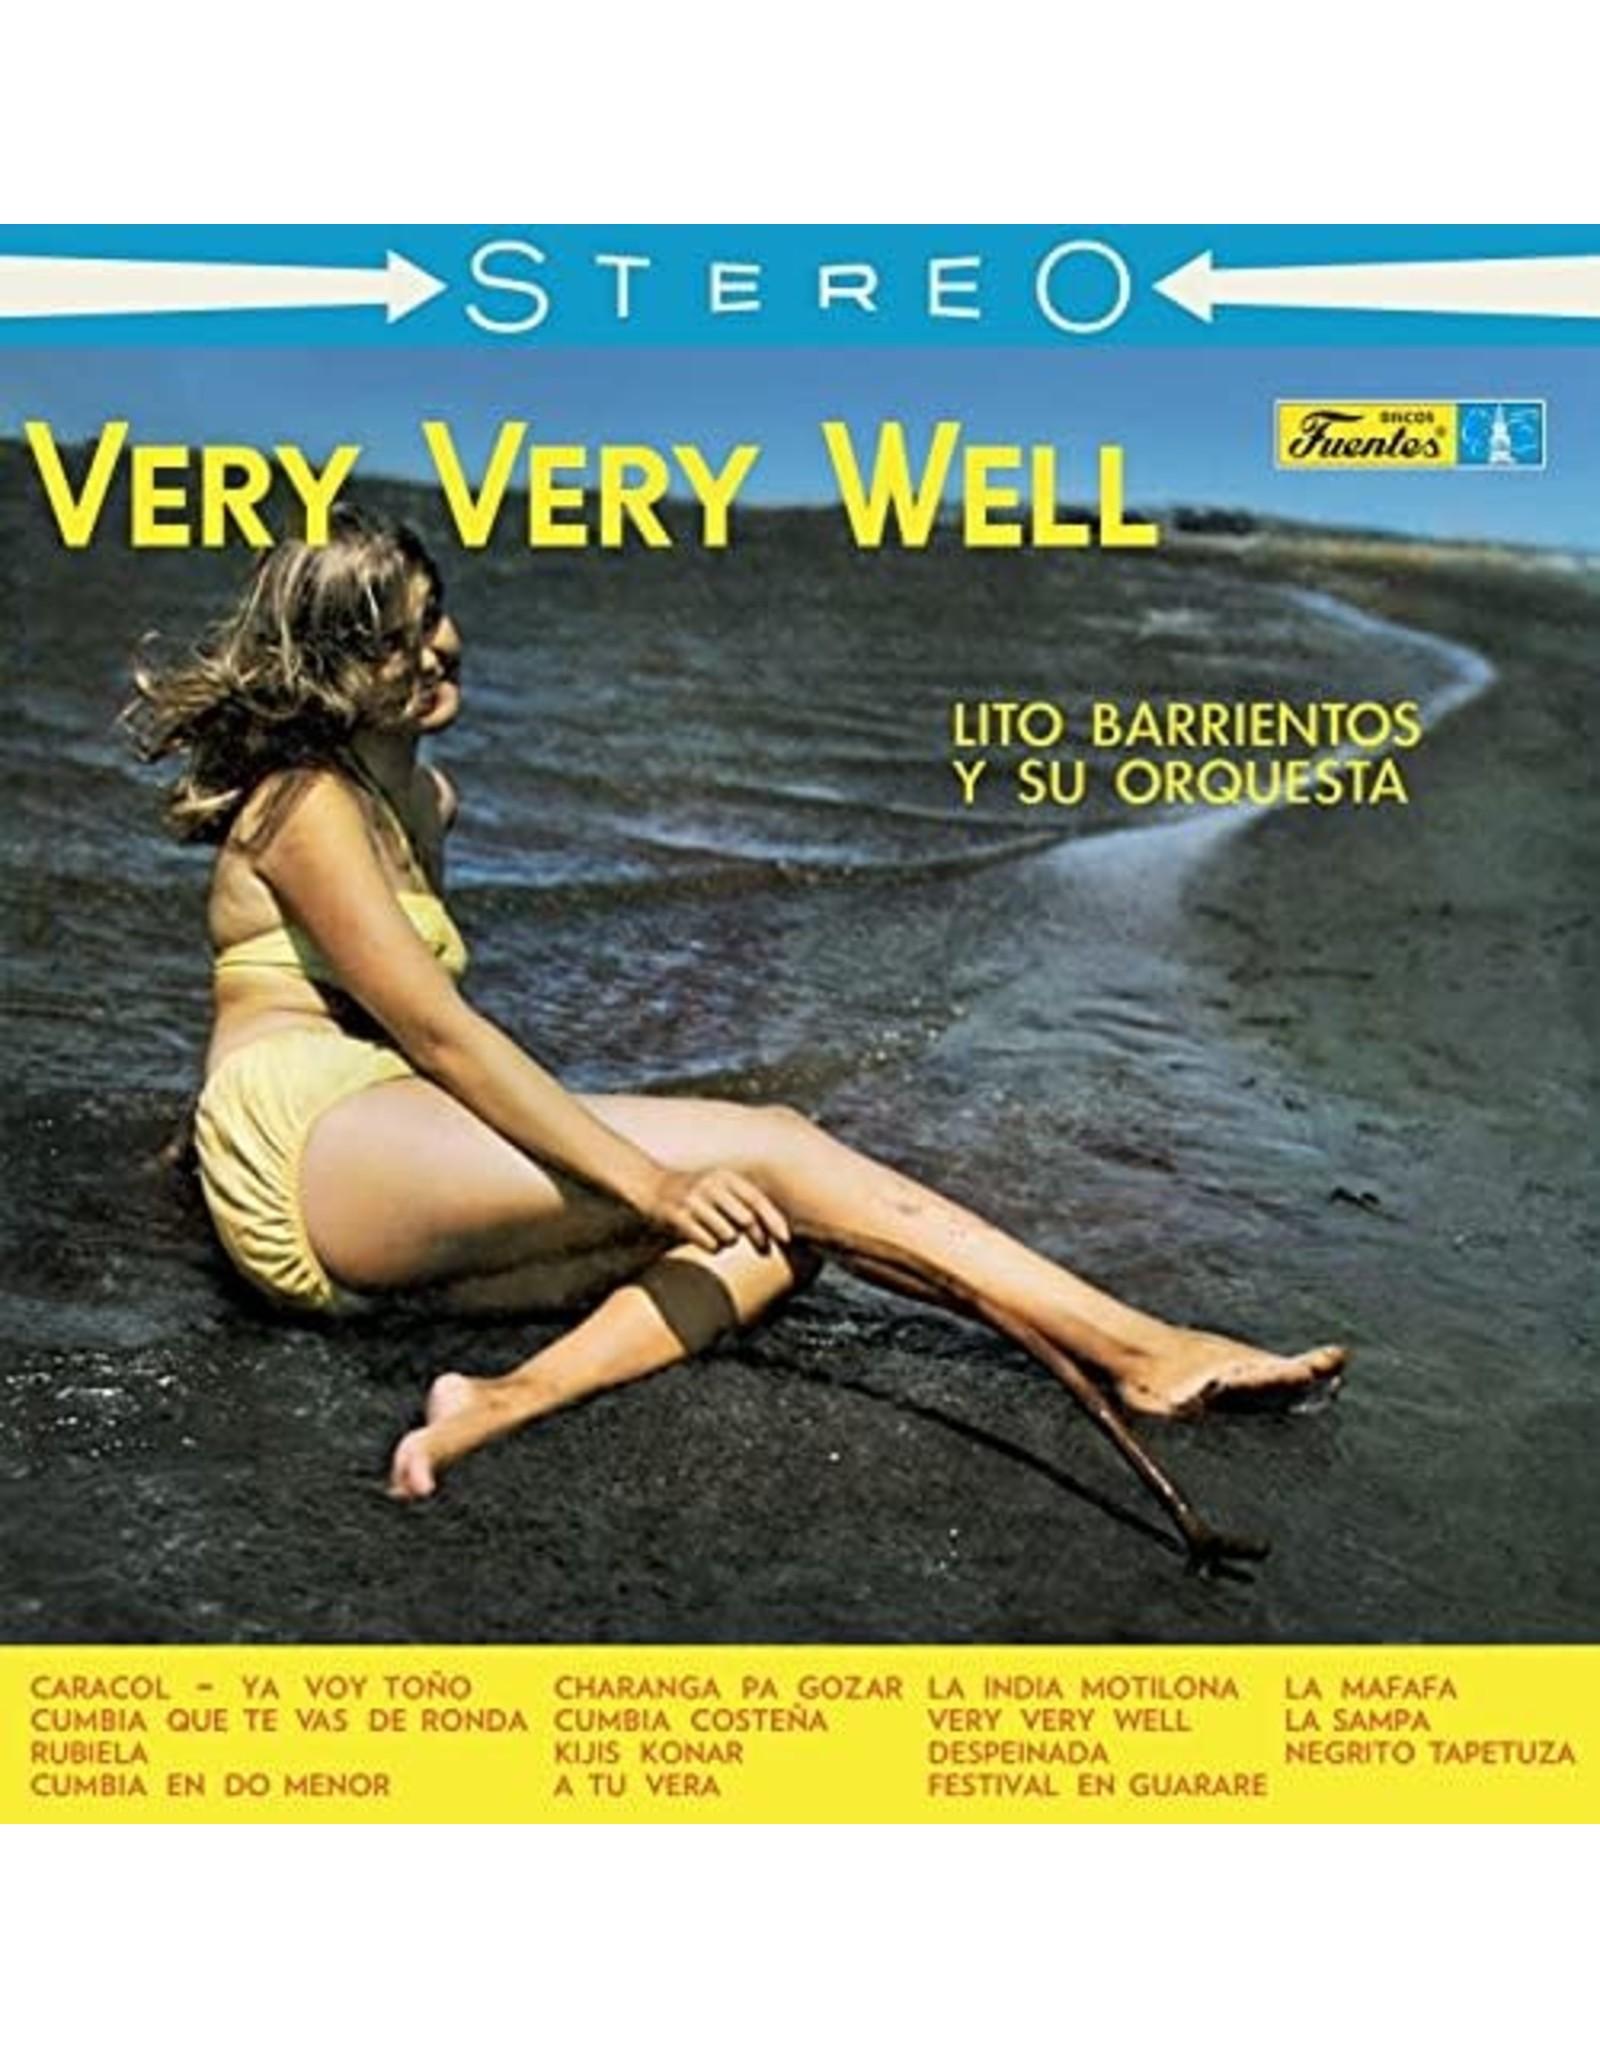 New Vinyl Lito Barrientos Y Su Orquesta - Very Very Well LP